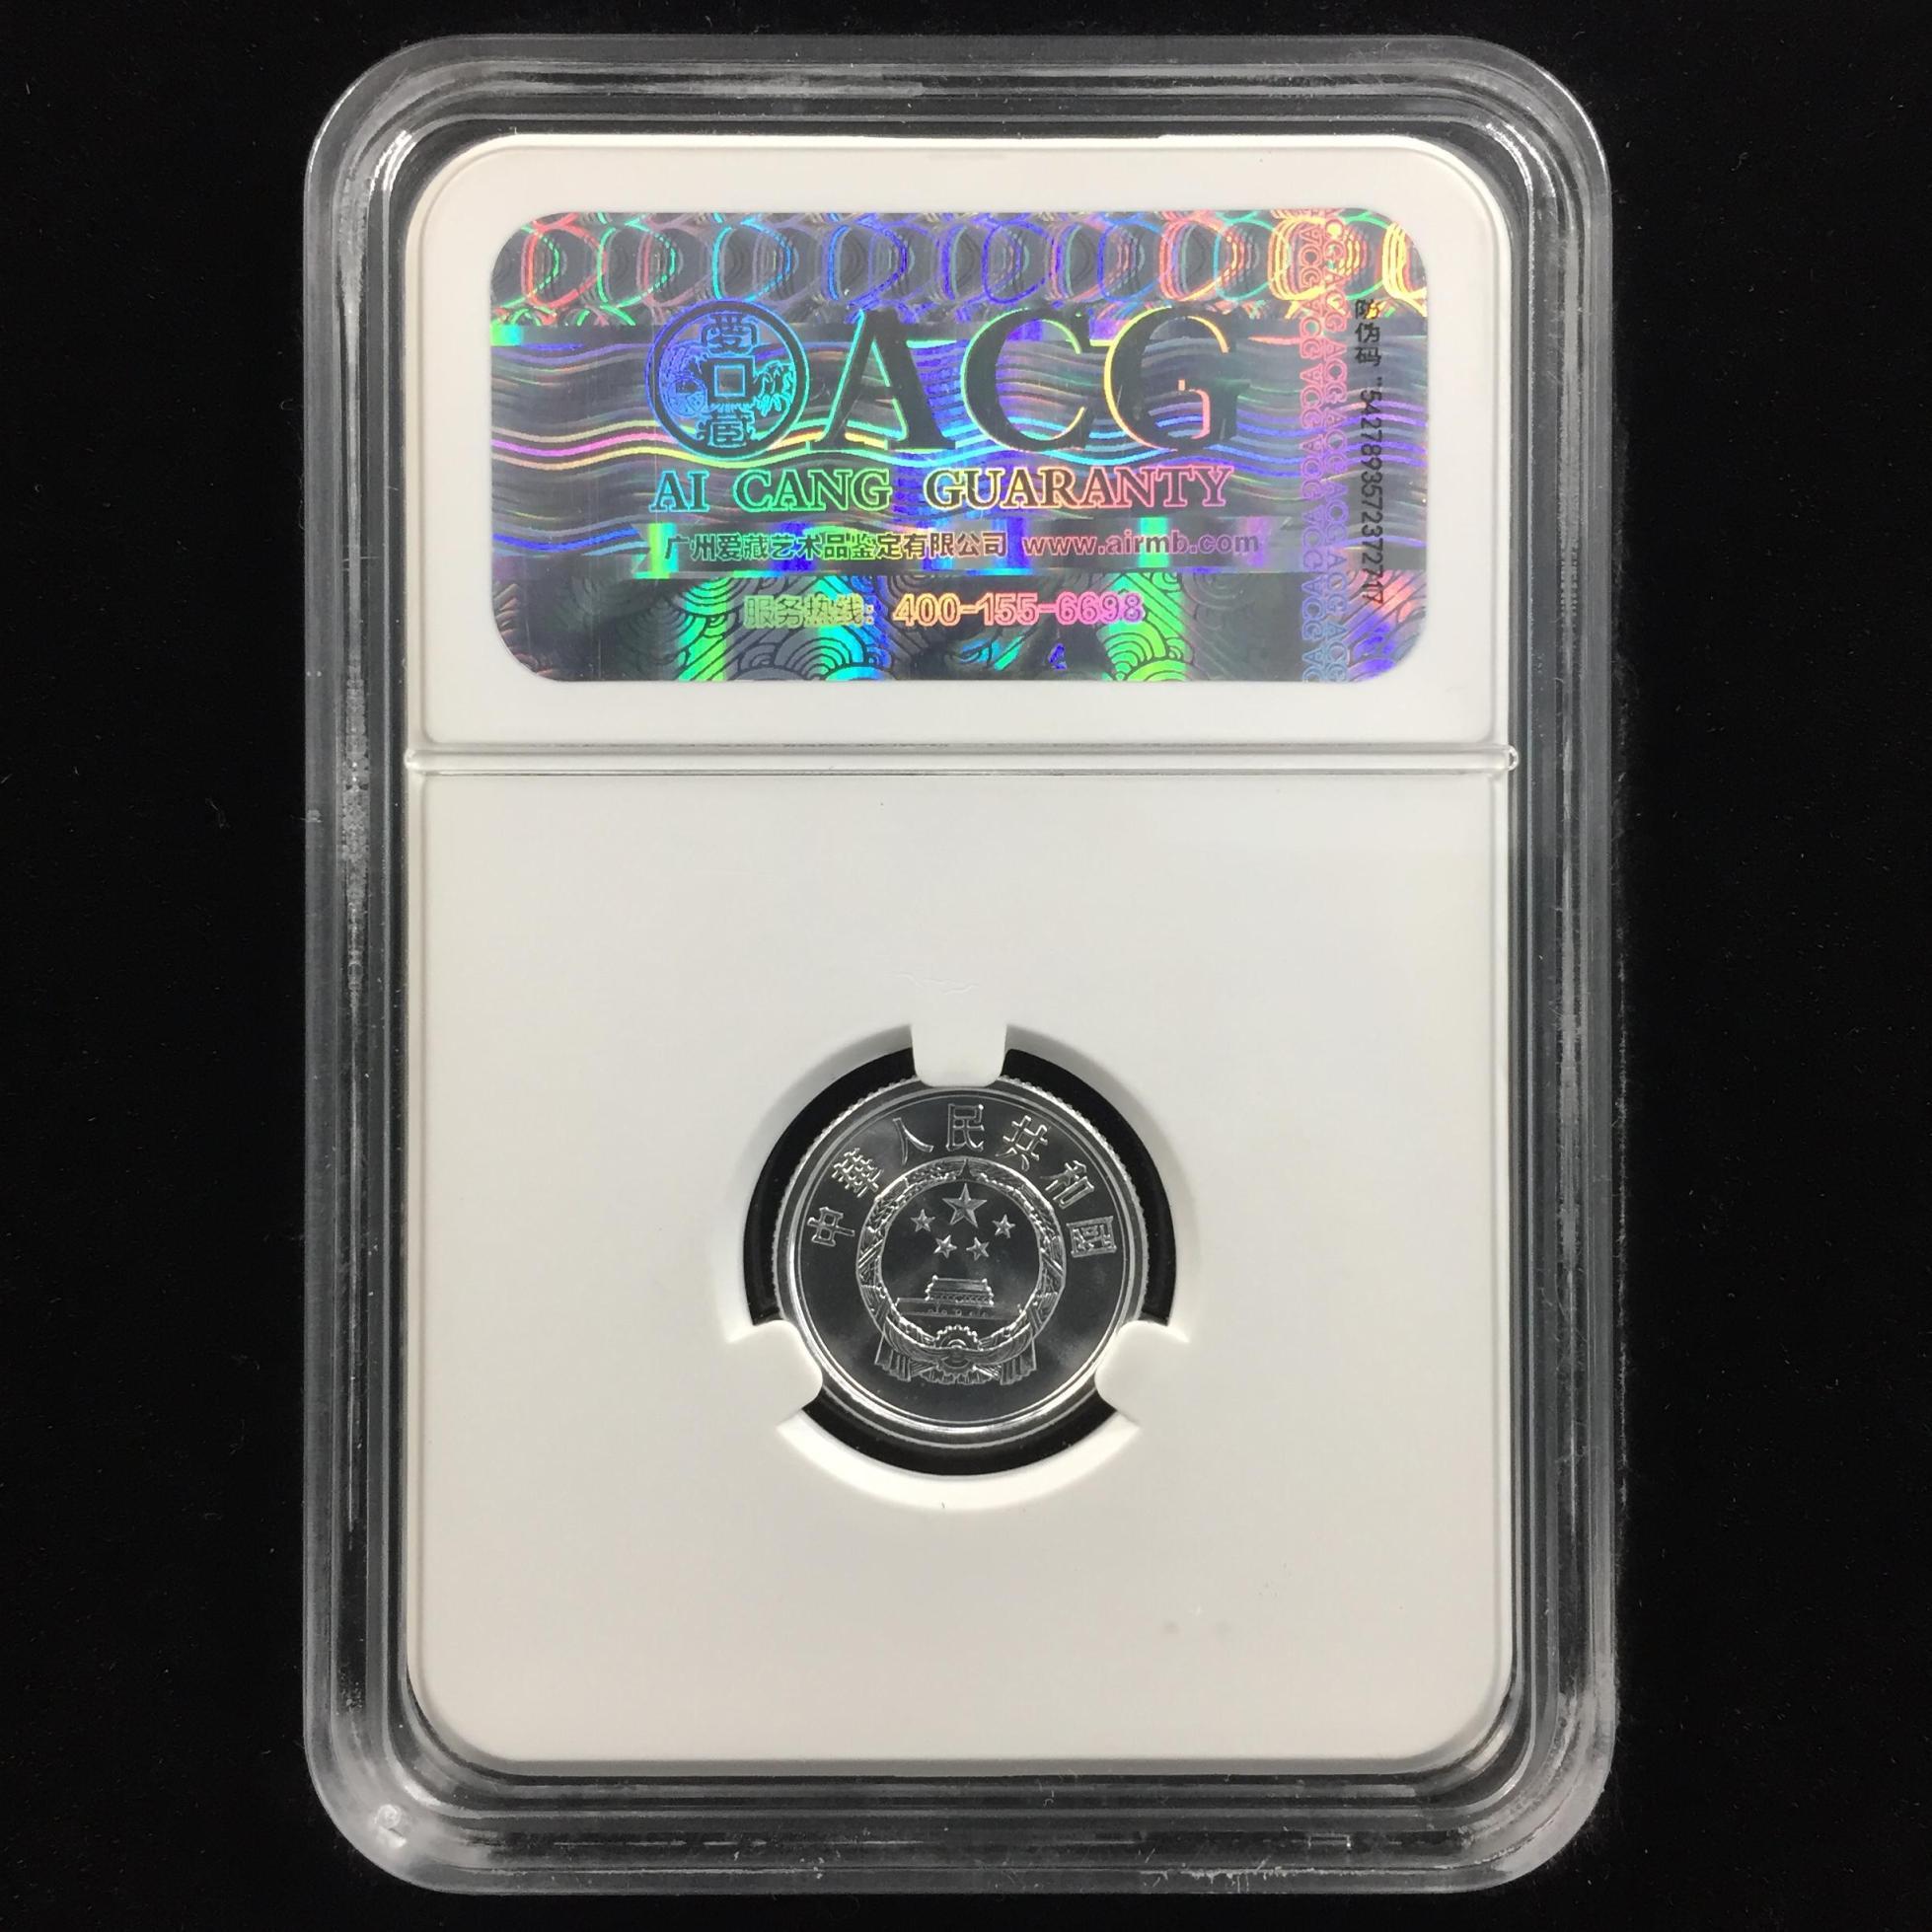 模裂币→2005年1分硬币→ACG鉴定证书-10768217